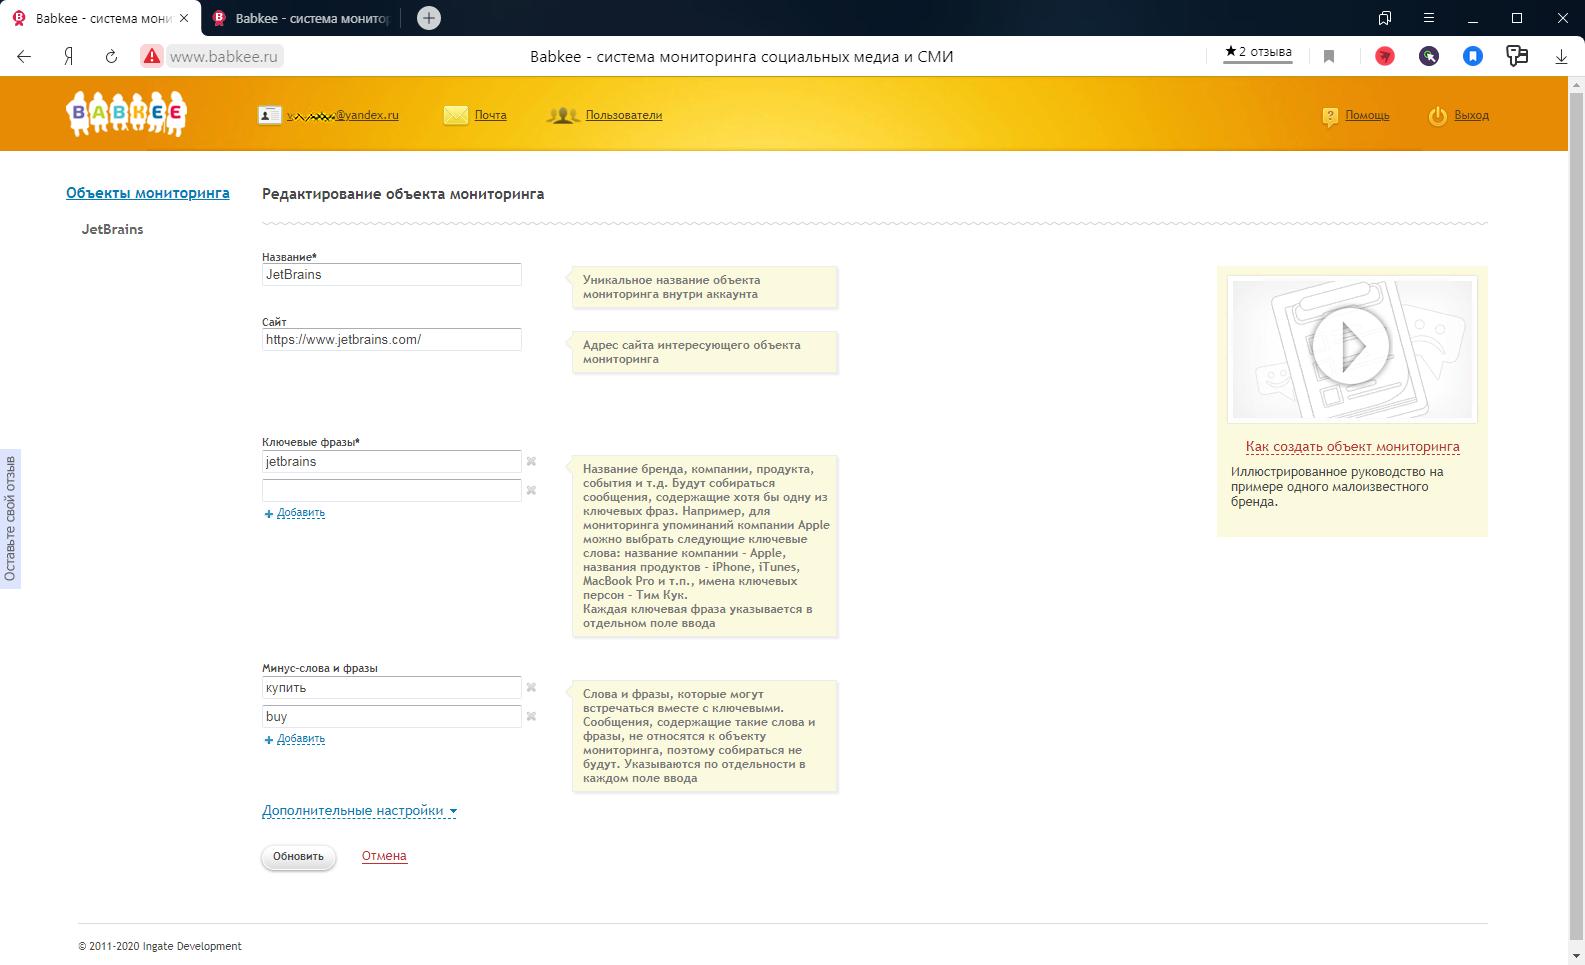 Создания задания для мониторинга социальных сетей в онлайн-сервисе для медиа-аналитики Babkee